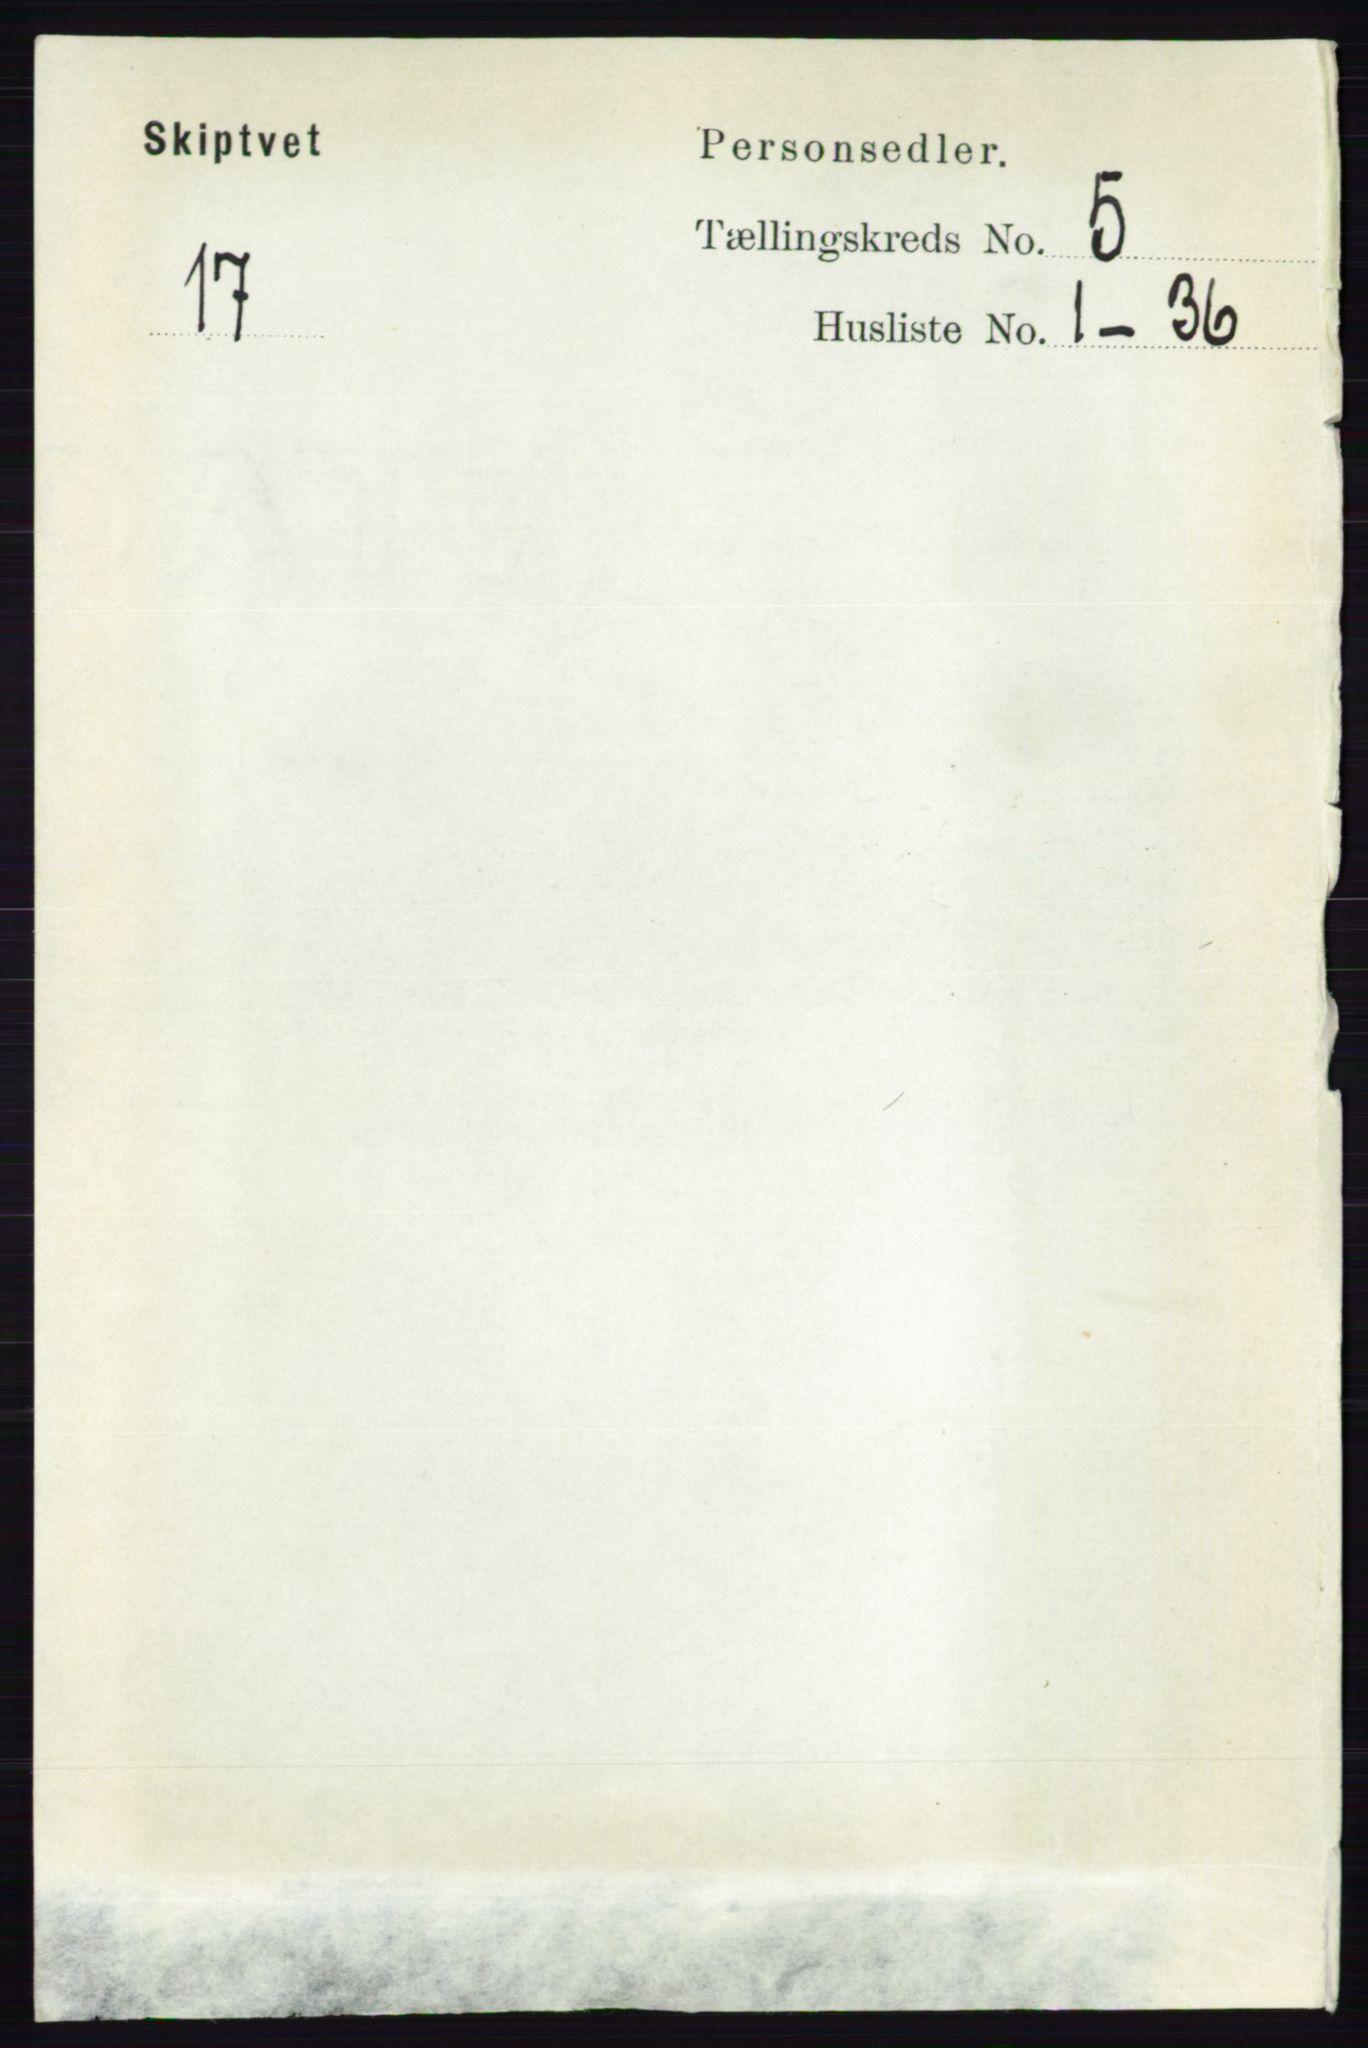 RA, Folketelling 1891 for 0127 Skiptvet herred, 1891, s. 2643